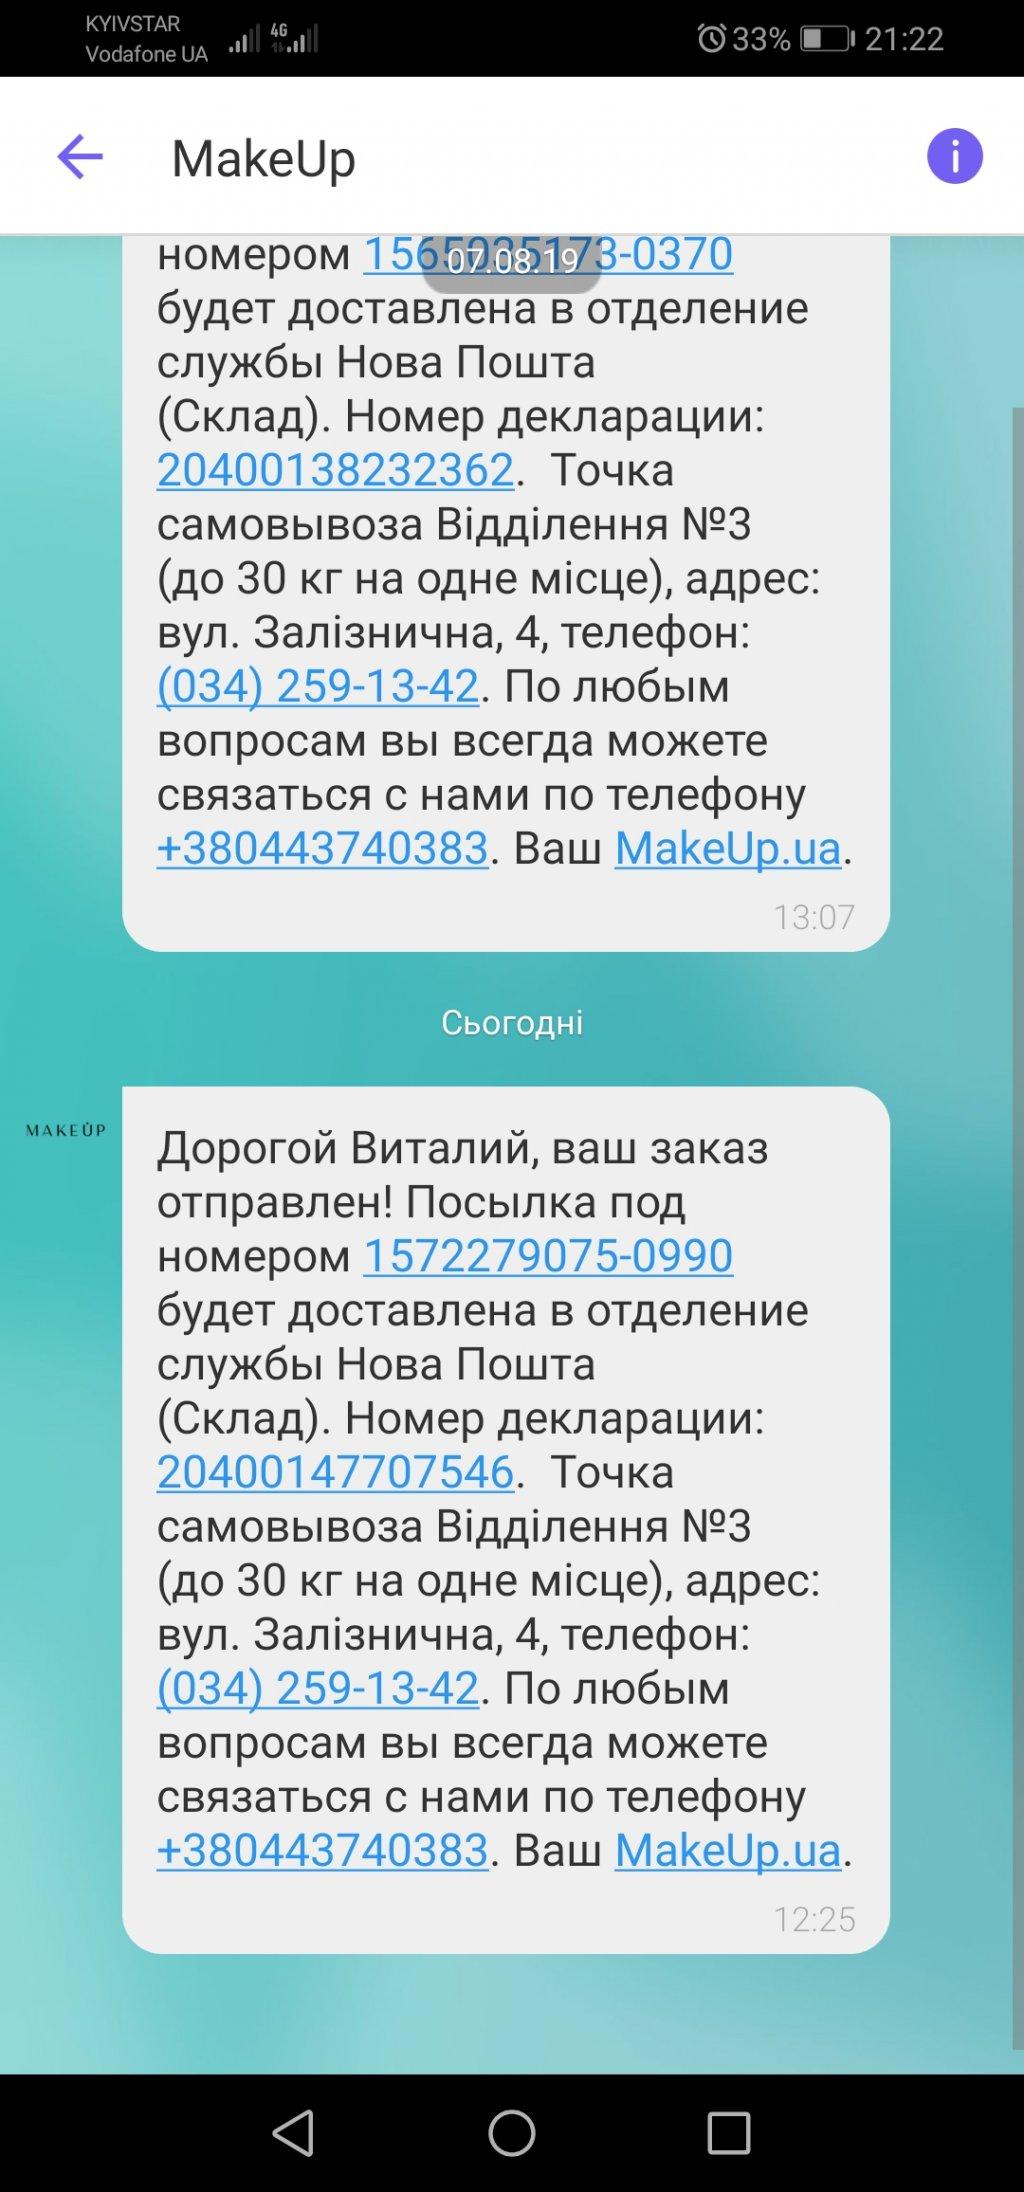 Интернет - магазин makeup.com.ua - Продают фальсификат!